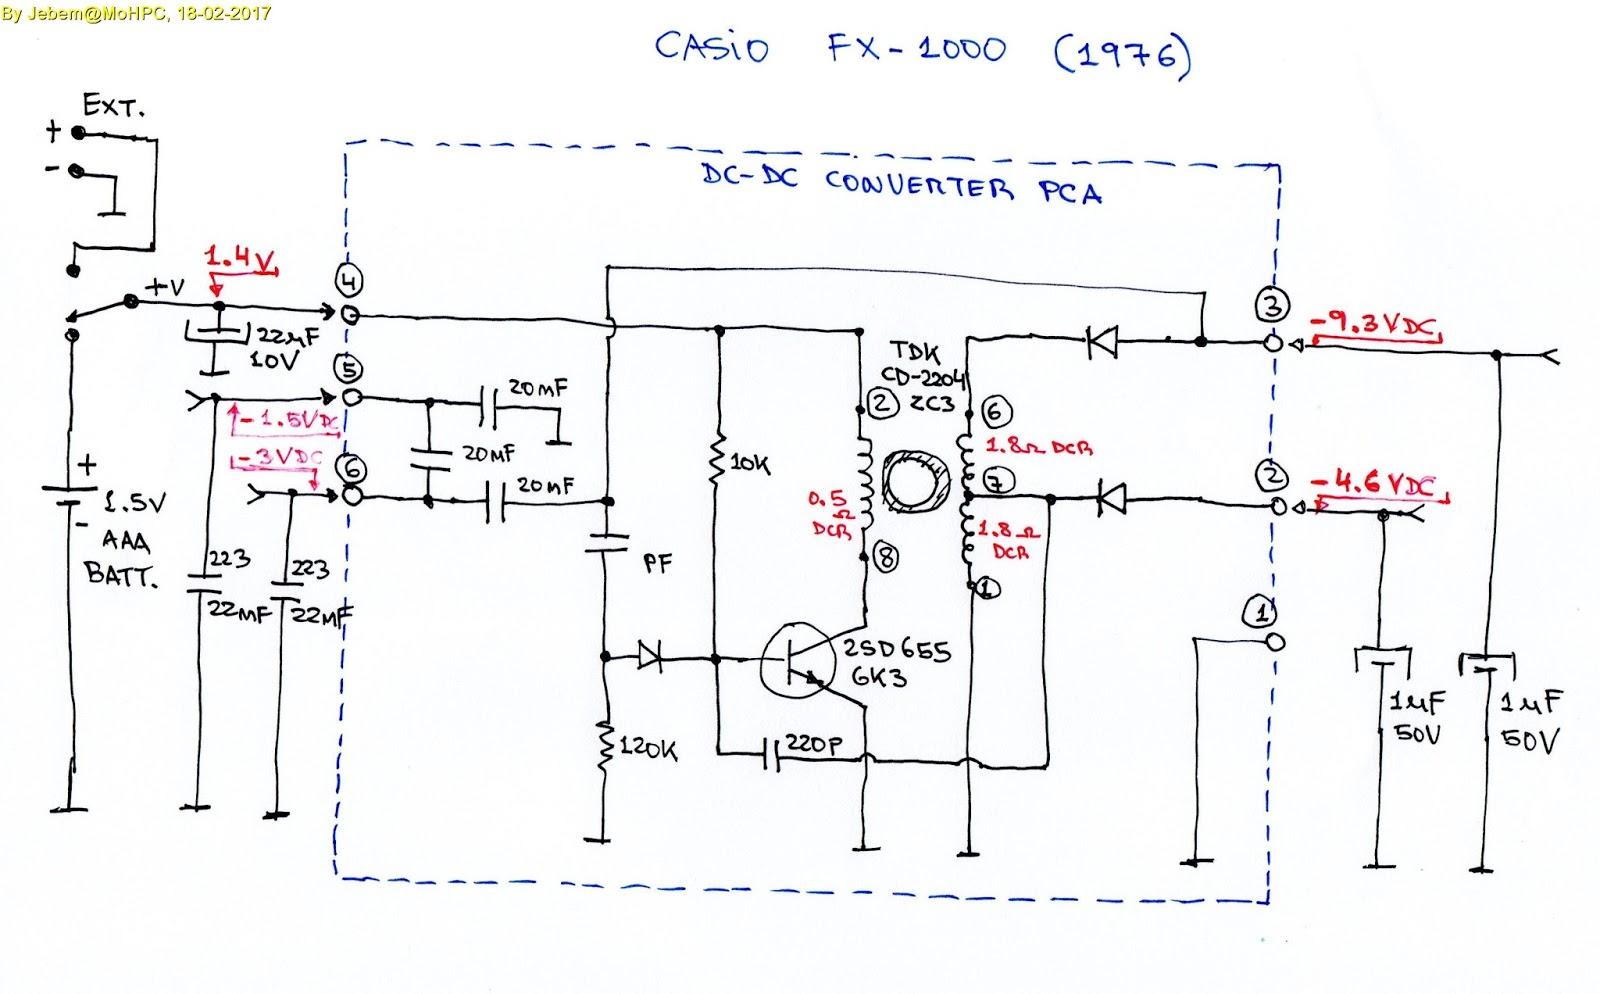 [Image: Casio_fx-1000_power_supply.jpg]